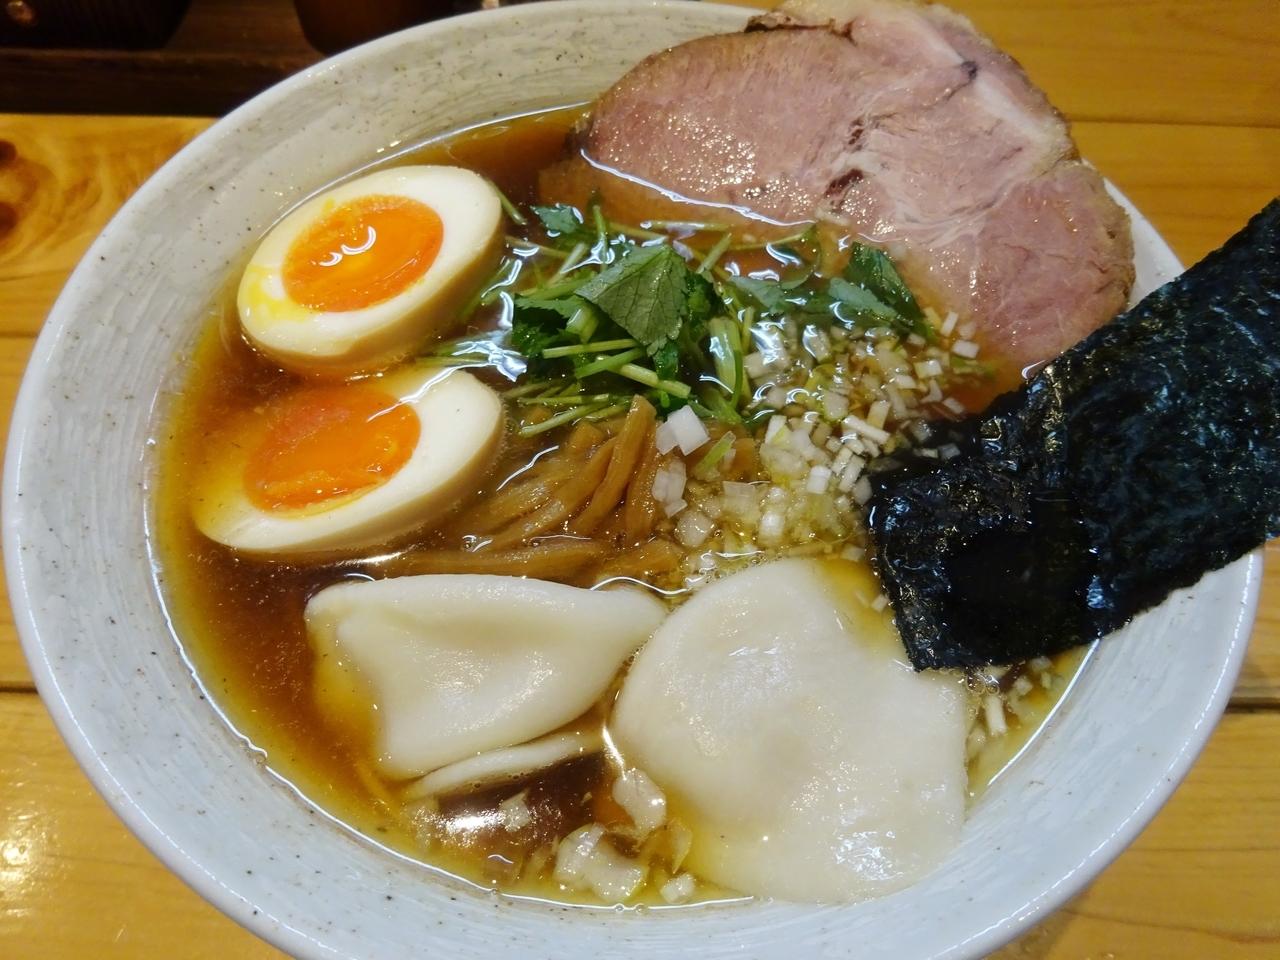 【神田】ラーメンマニアも唸る名店9選!家系の名店に坦々麺、濃厚魚介も秀逸!